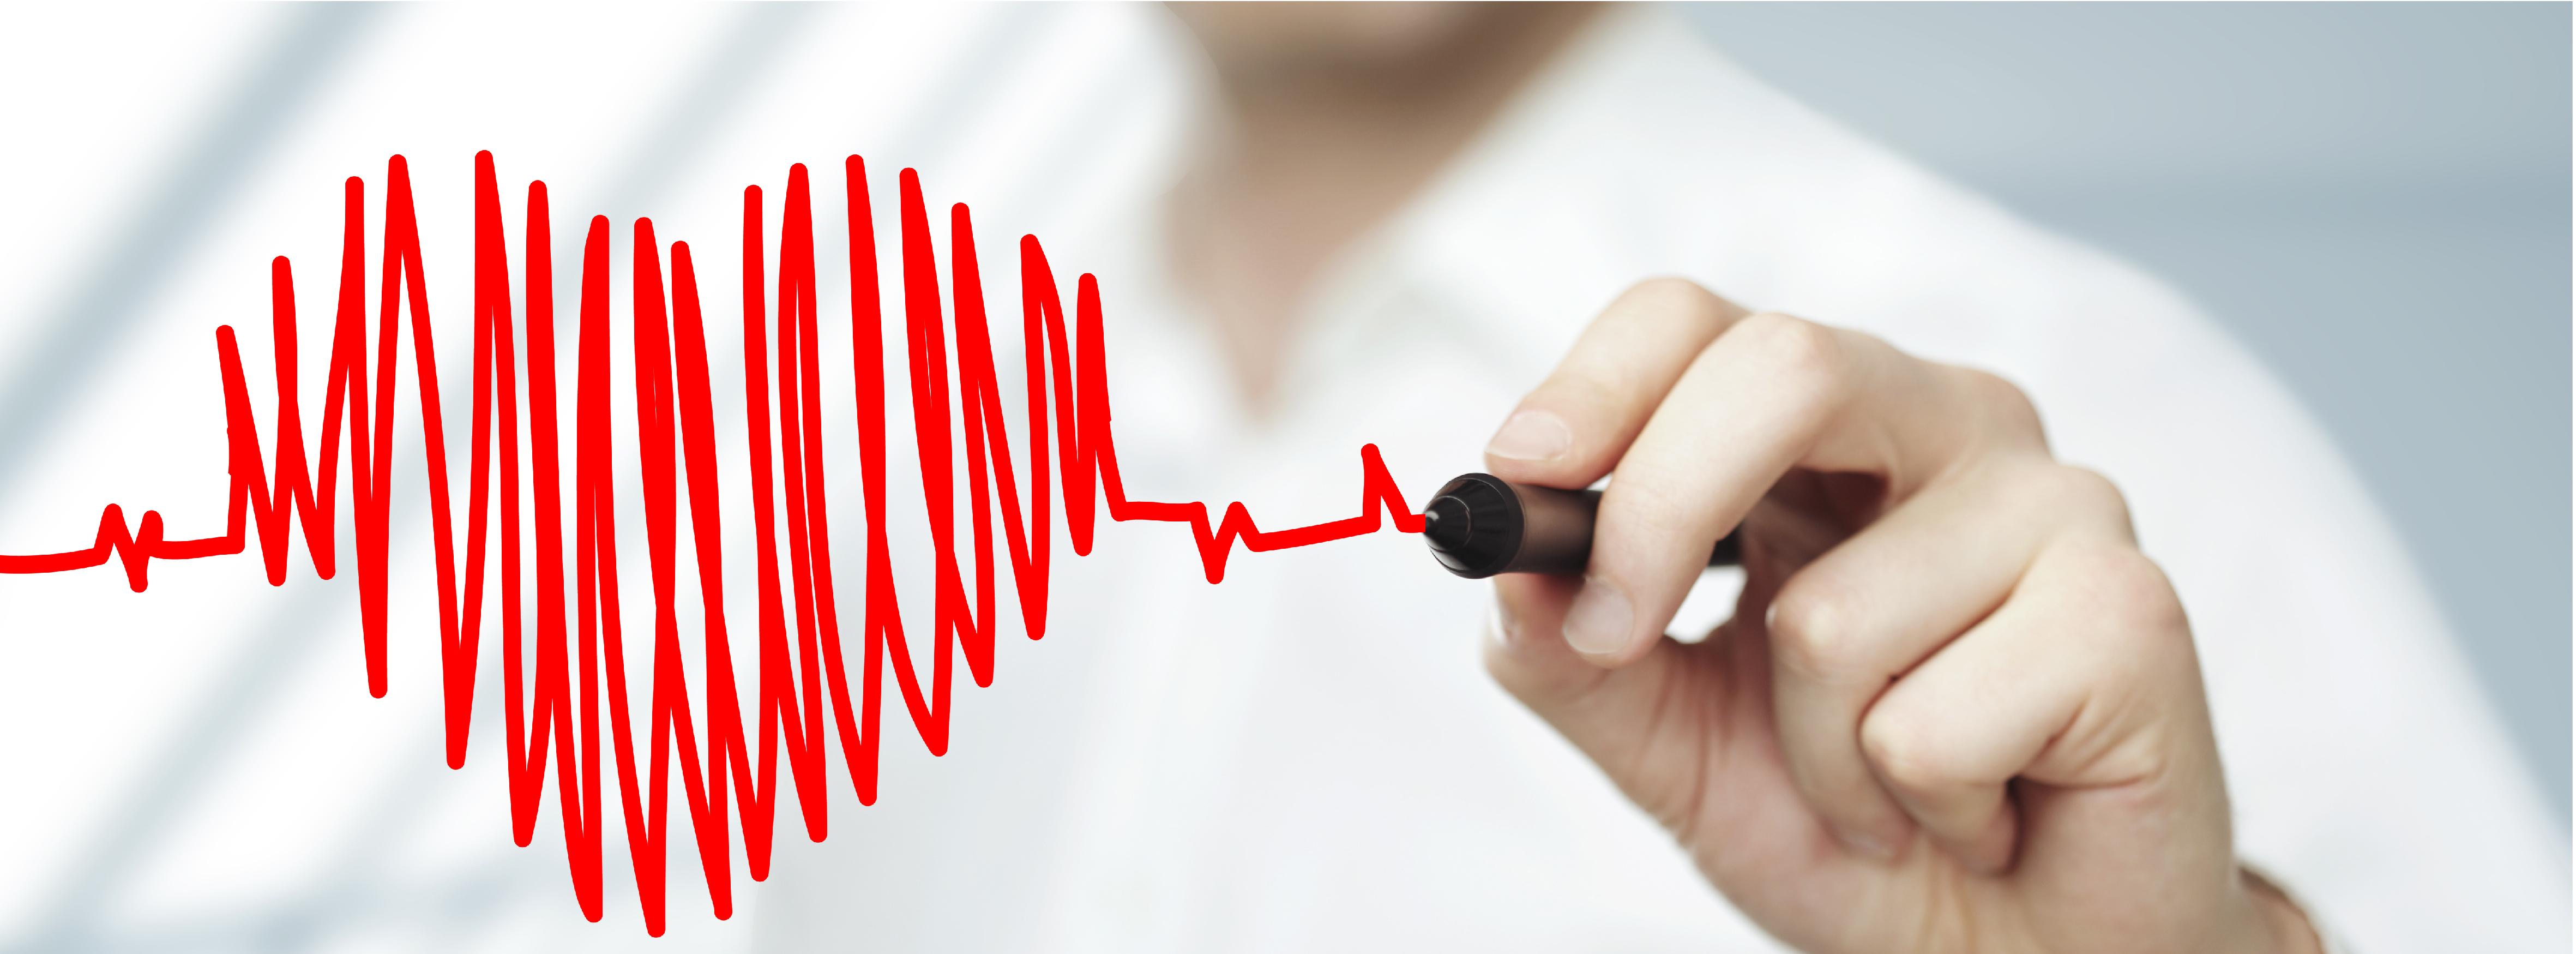 норма пульса у женщин 50 лет